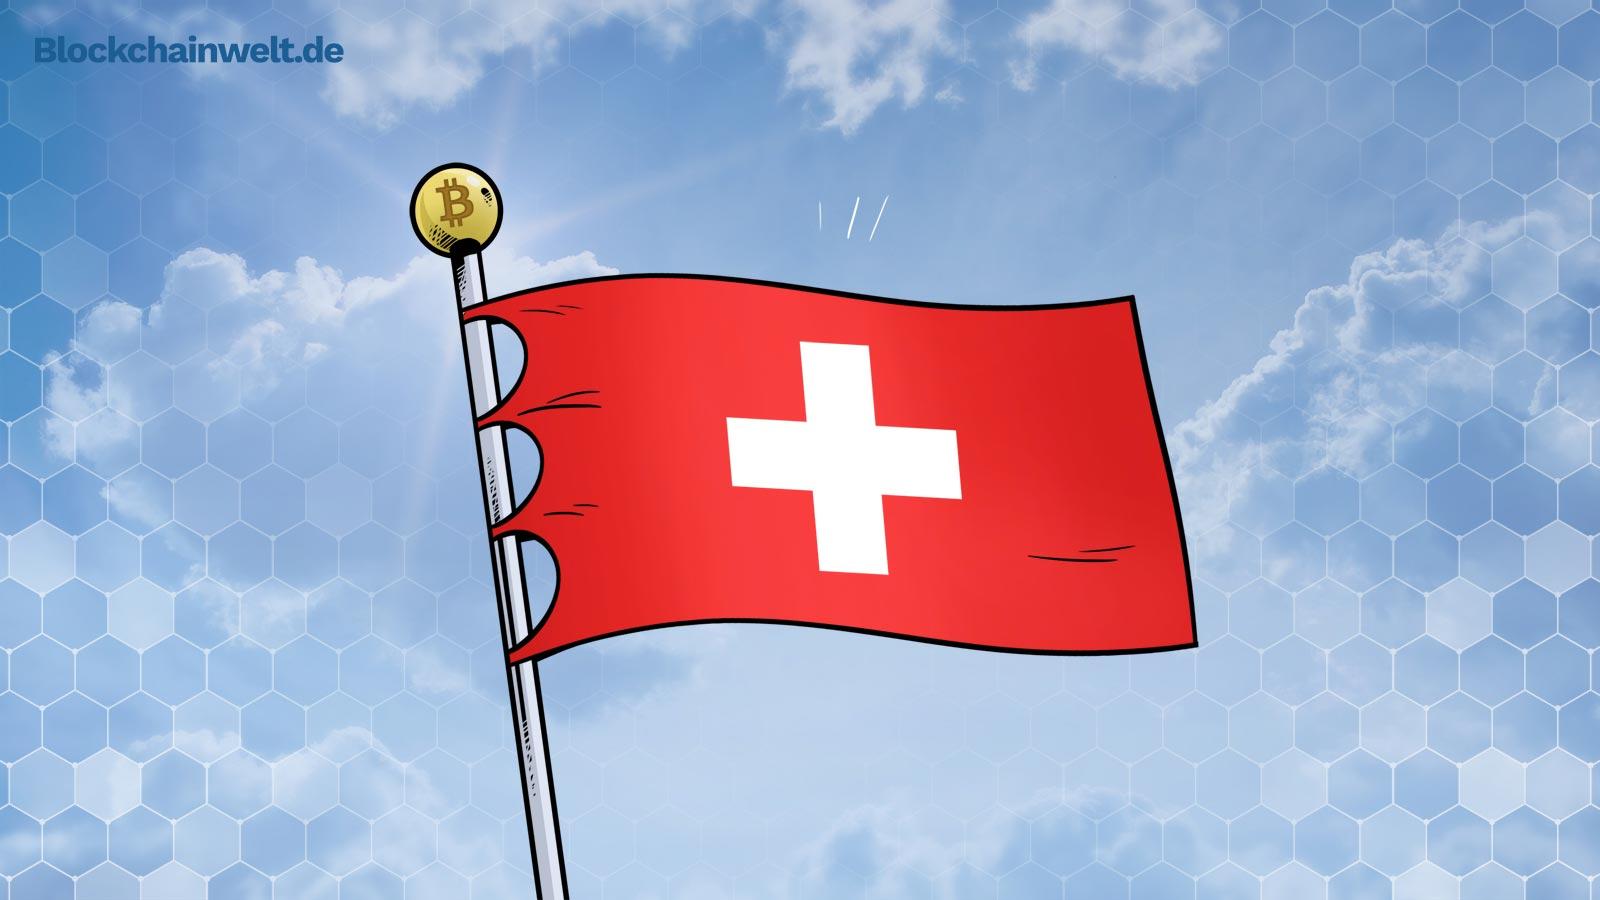 Blockchain Schweiz